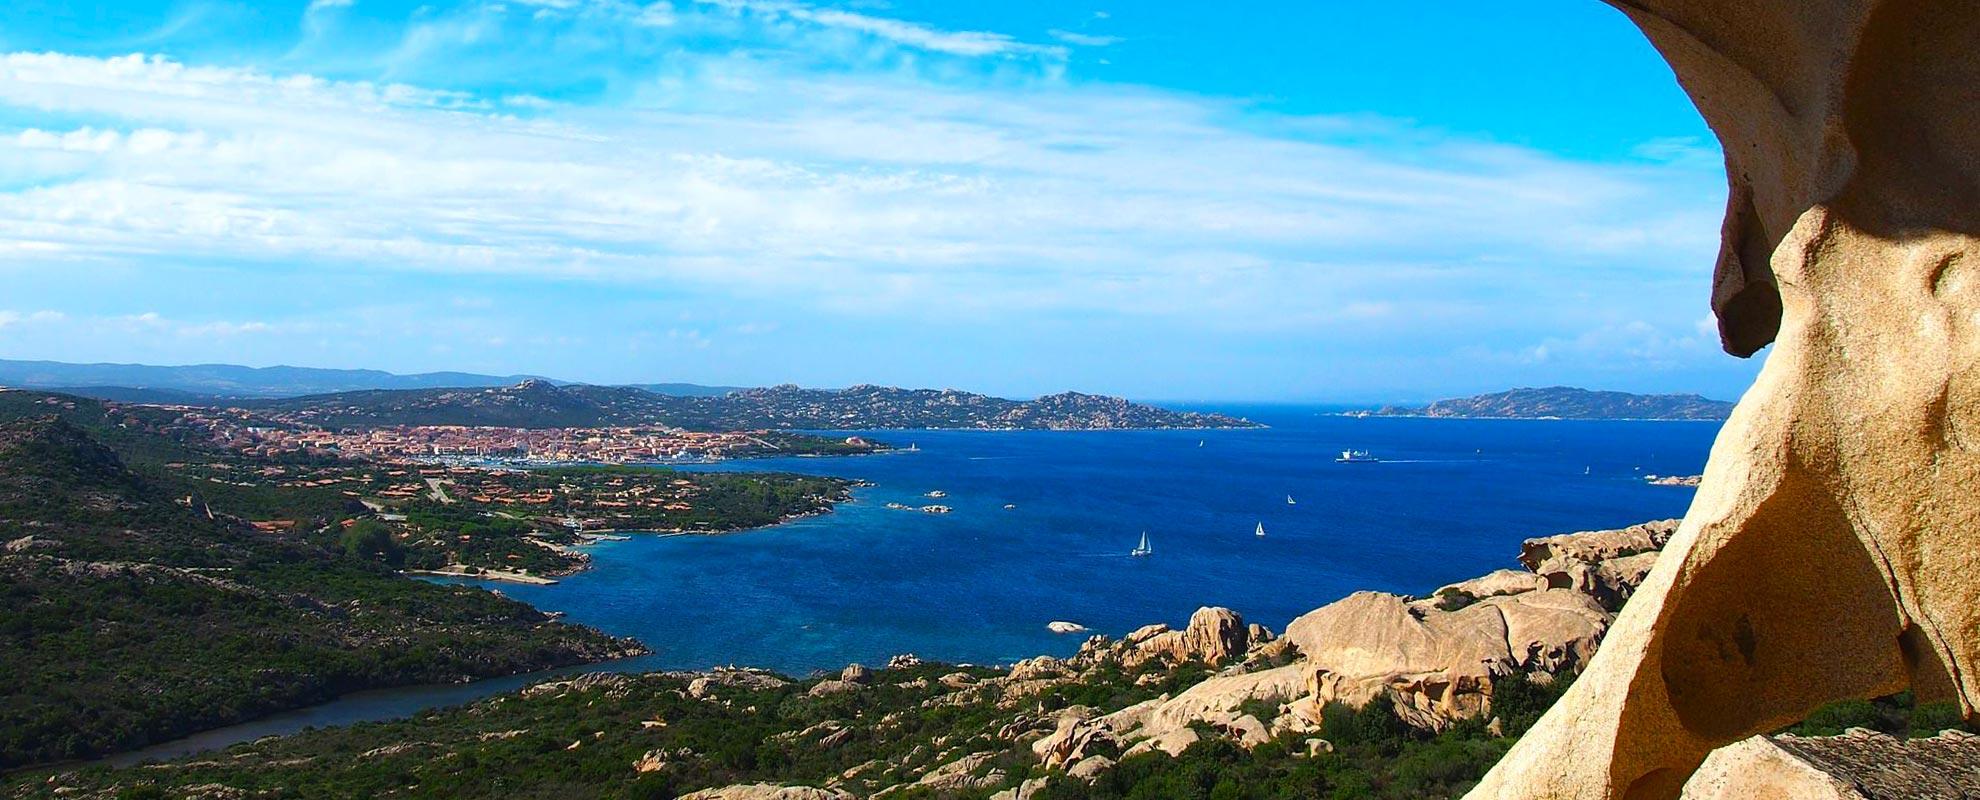 Aussicht auf Sardinien von einer Felsöffnung